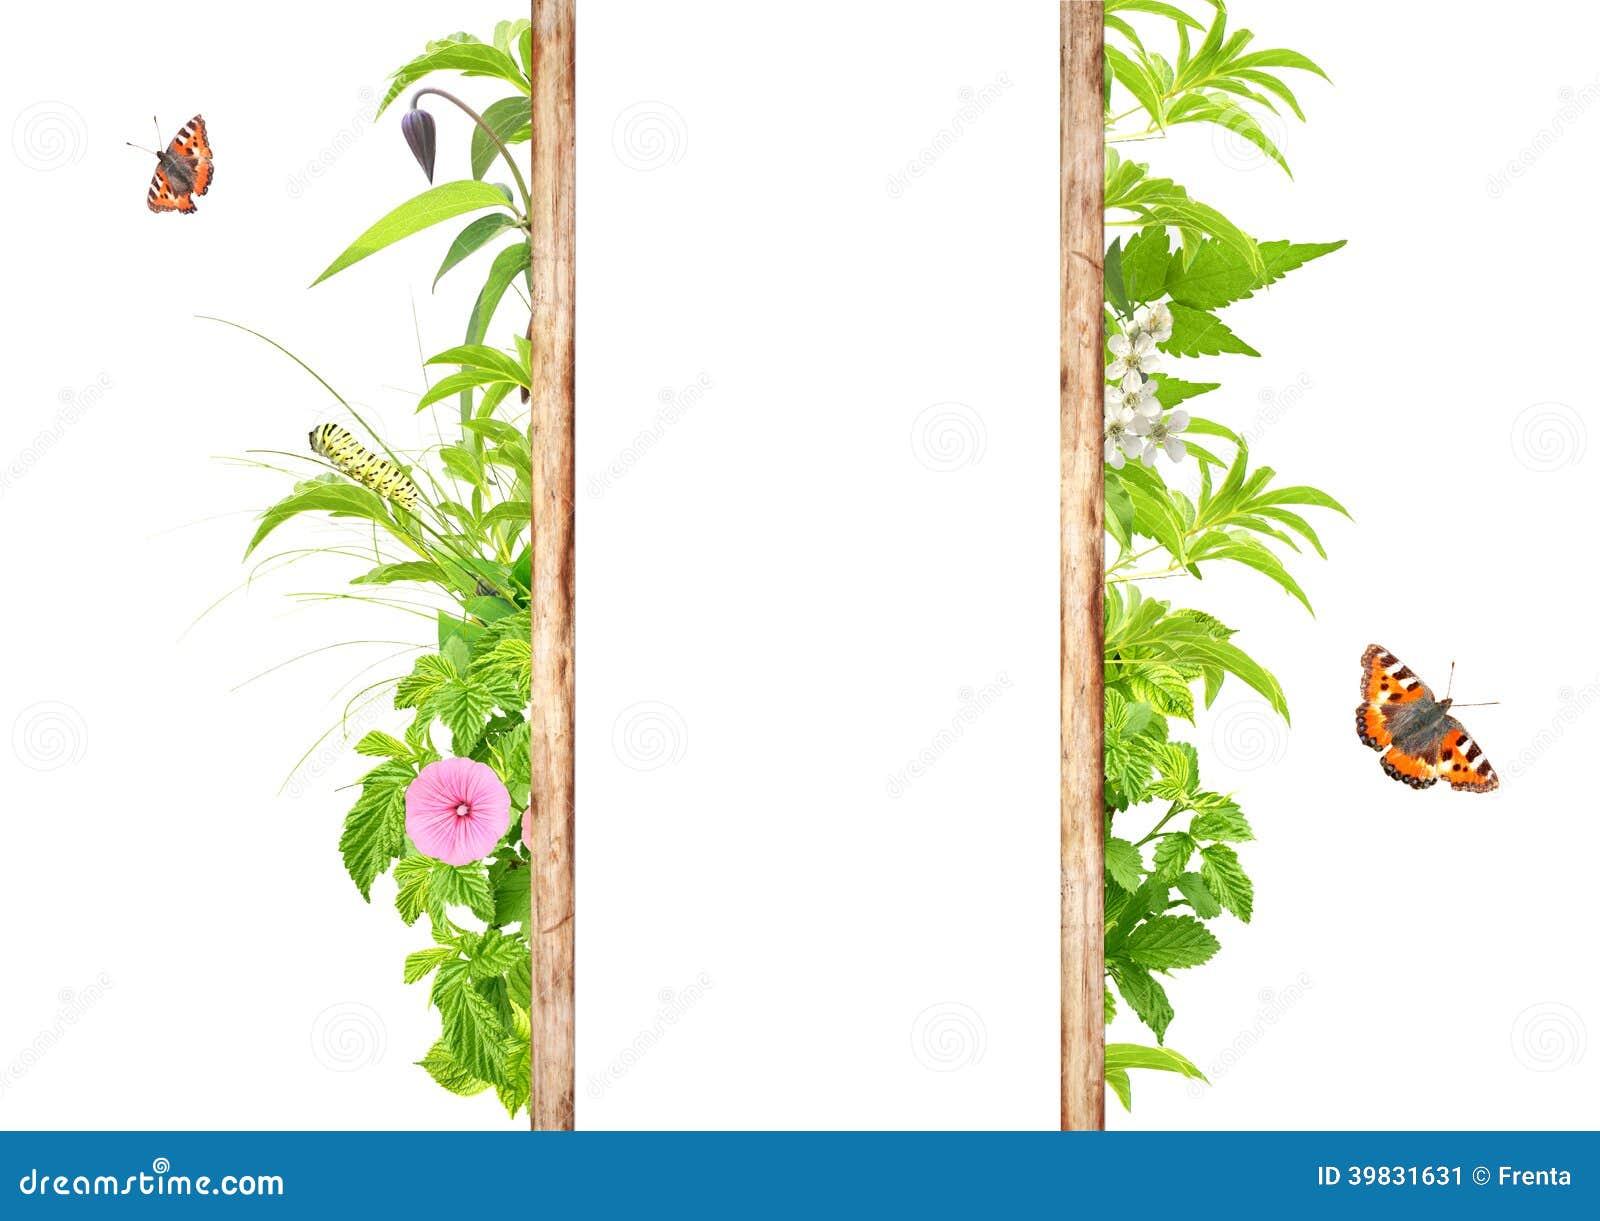 Marco del verano con las hojas, las flores y los insectos verdes